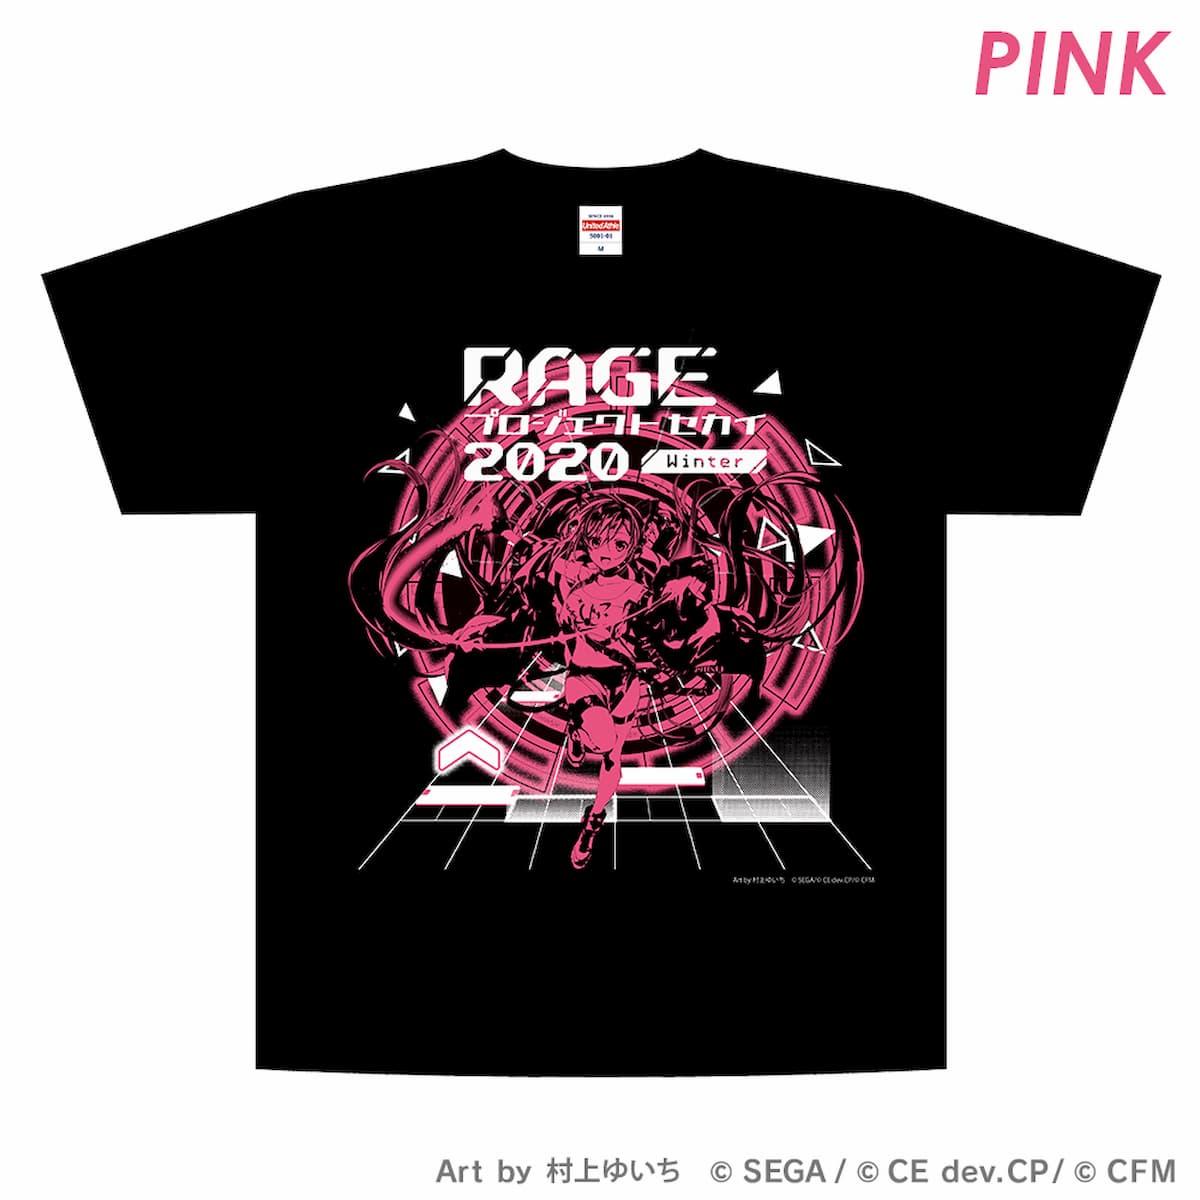 RAGE x プロジェクトセカイ 2020 Winter 大会公式Tシャツ PINK